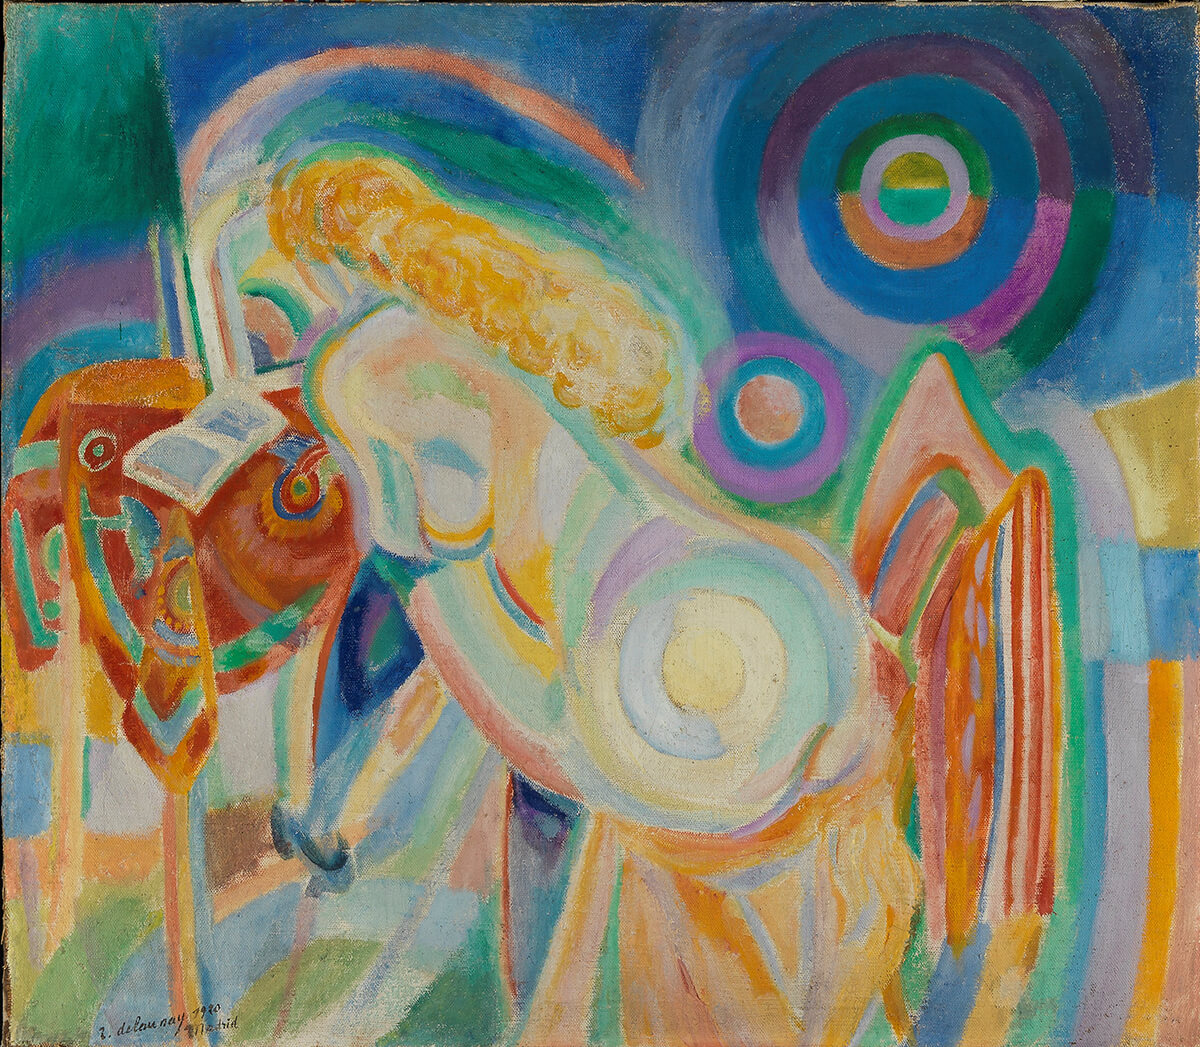 Robert Delaunay (1885-1941). Femme nue lisant (Mujer desnuda leyendo) (1920). Museo de Bellas Artes de Bilbao